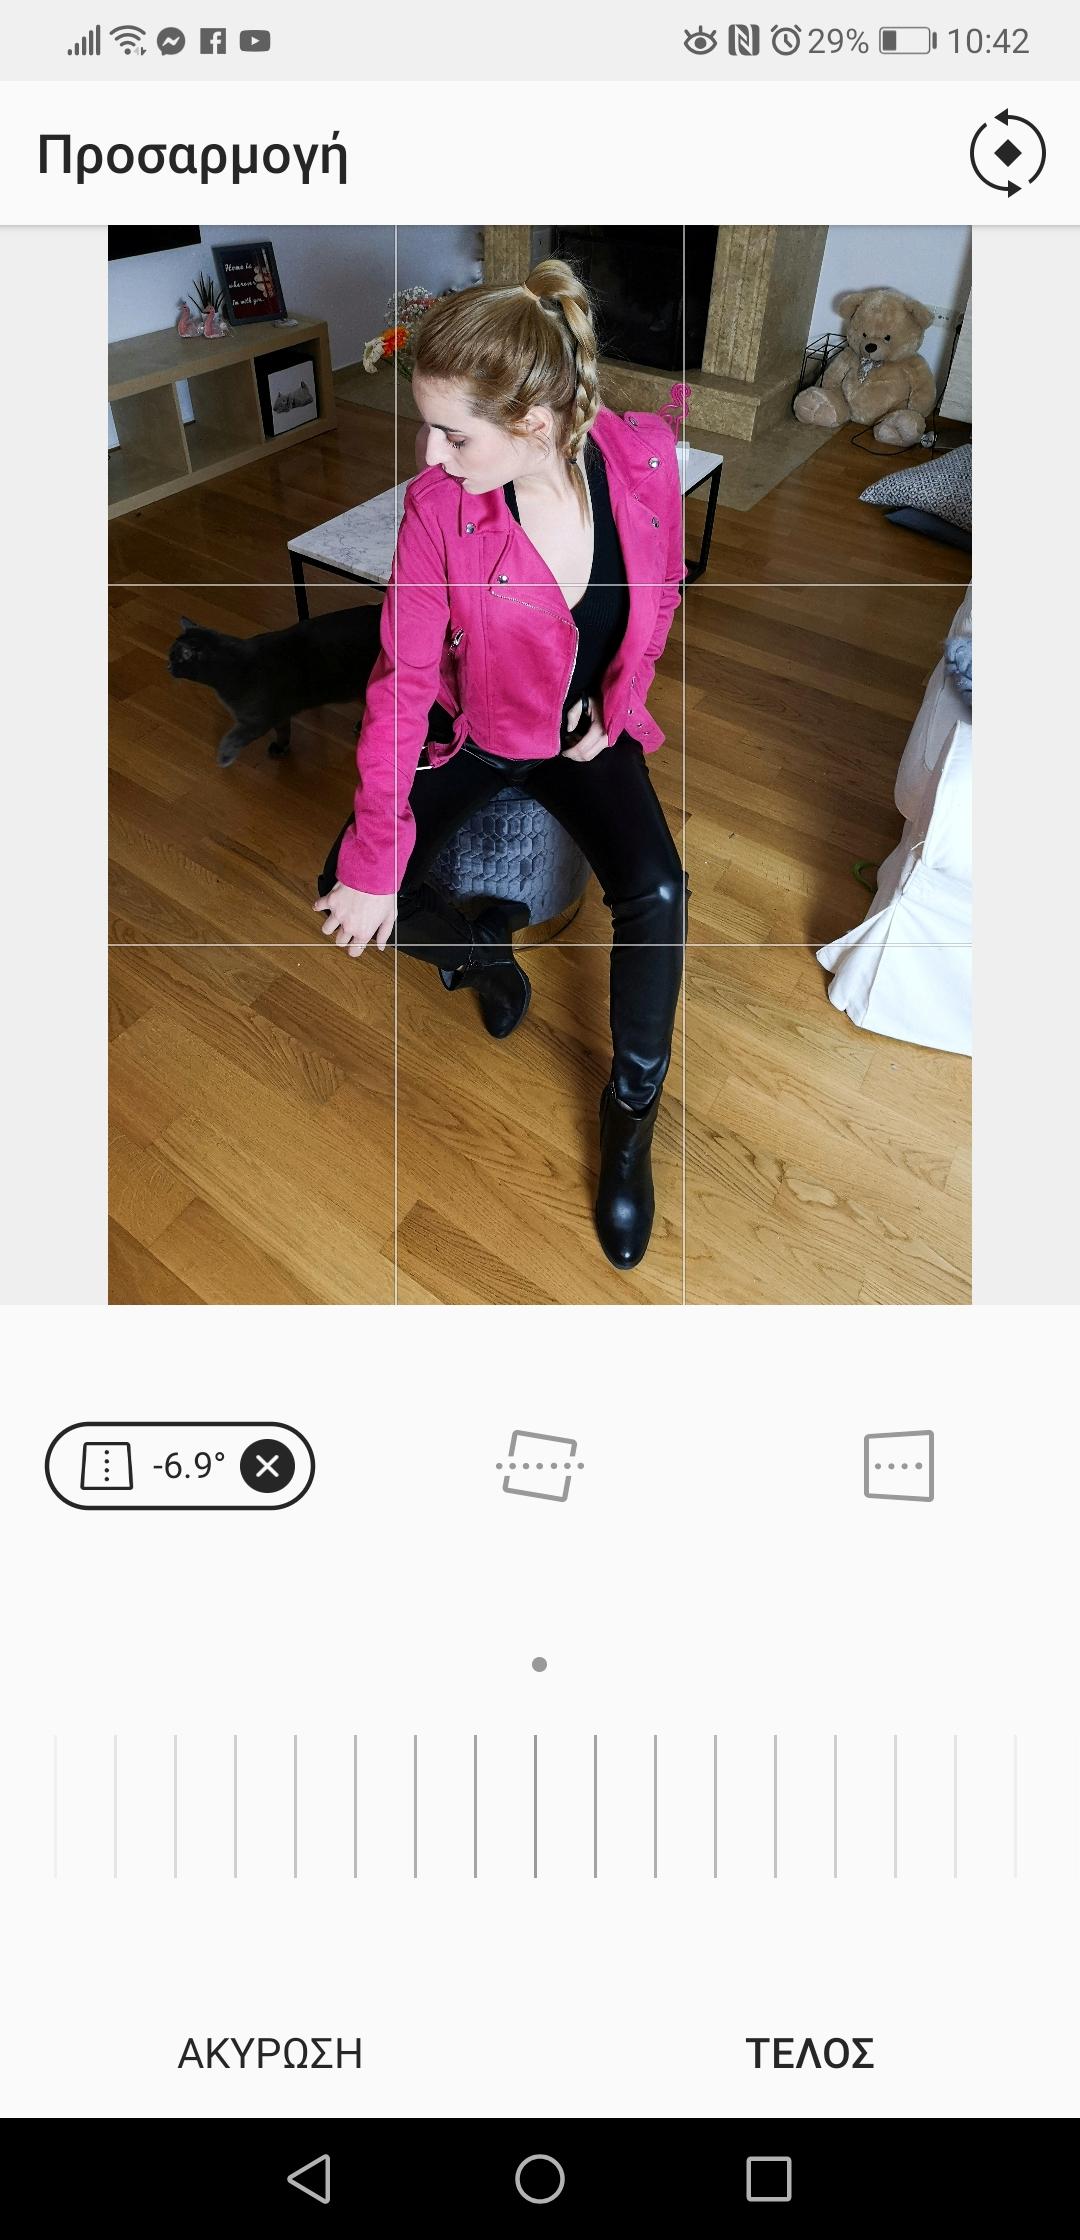 Screenshot 20190214 104246 com.instagram.android